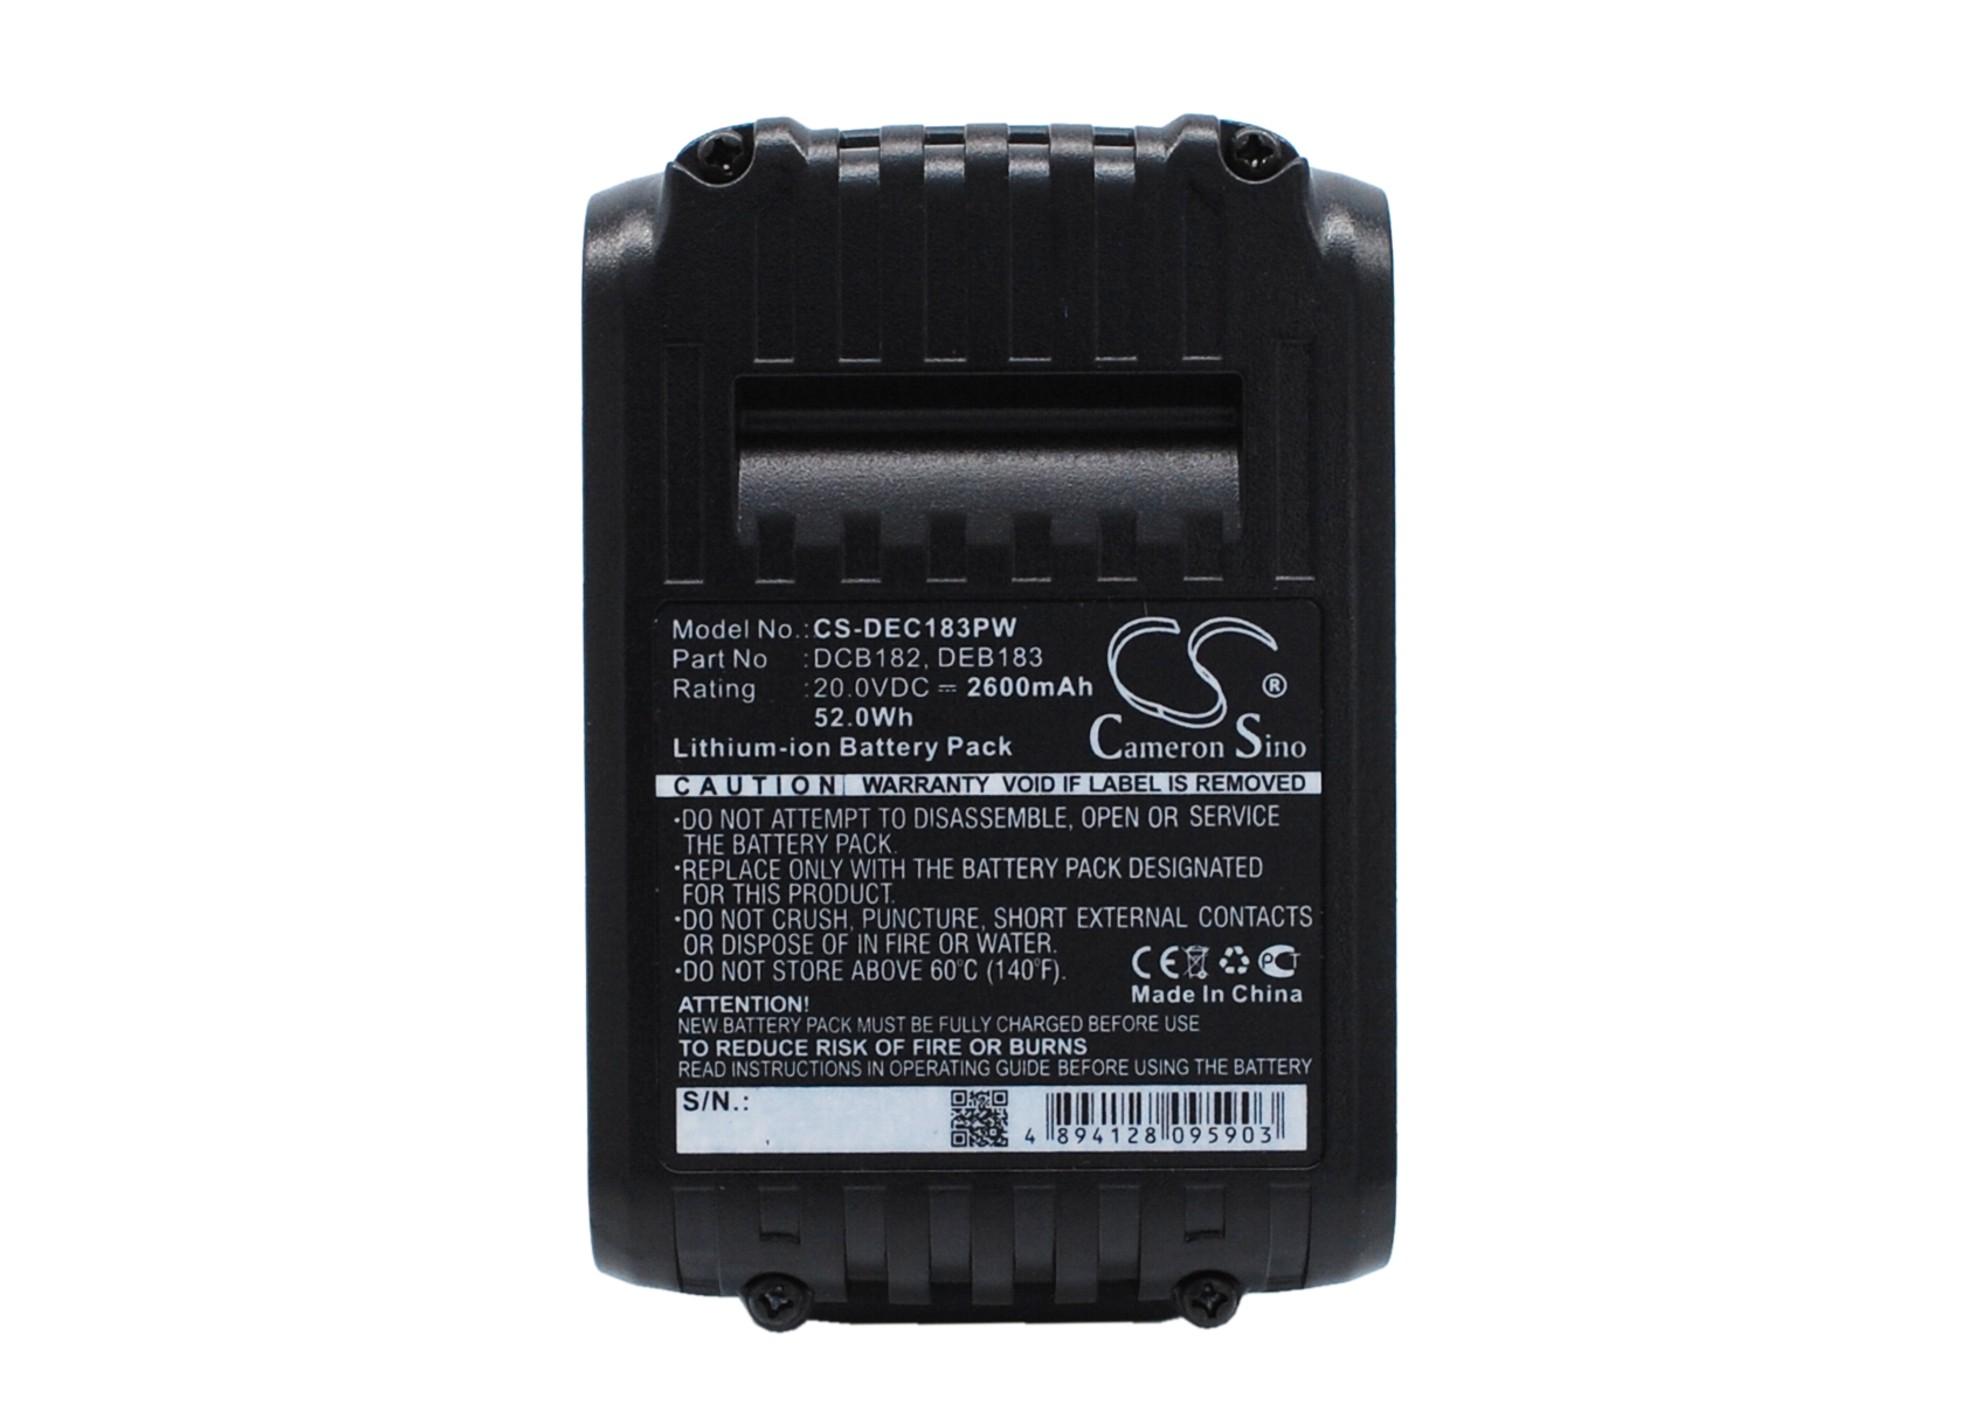 Cameron Sino baterie do nářadí pro DEWALT DCF885 20V Li-ion 2600mAh černá - neoriginální